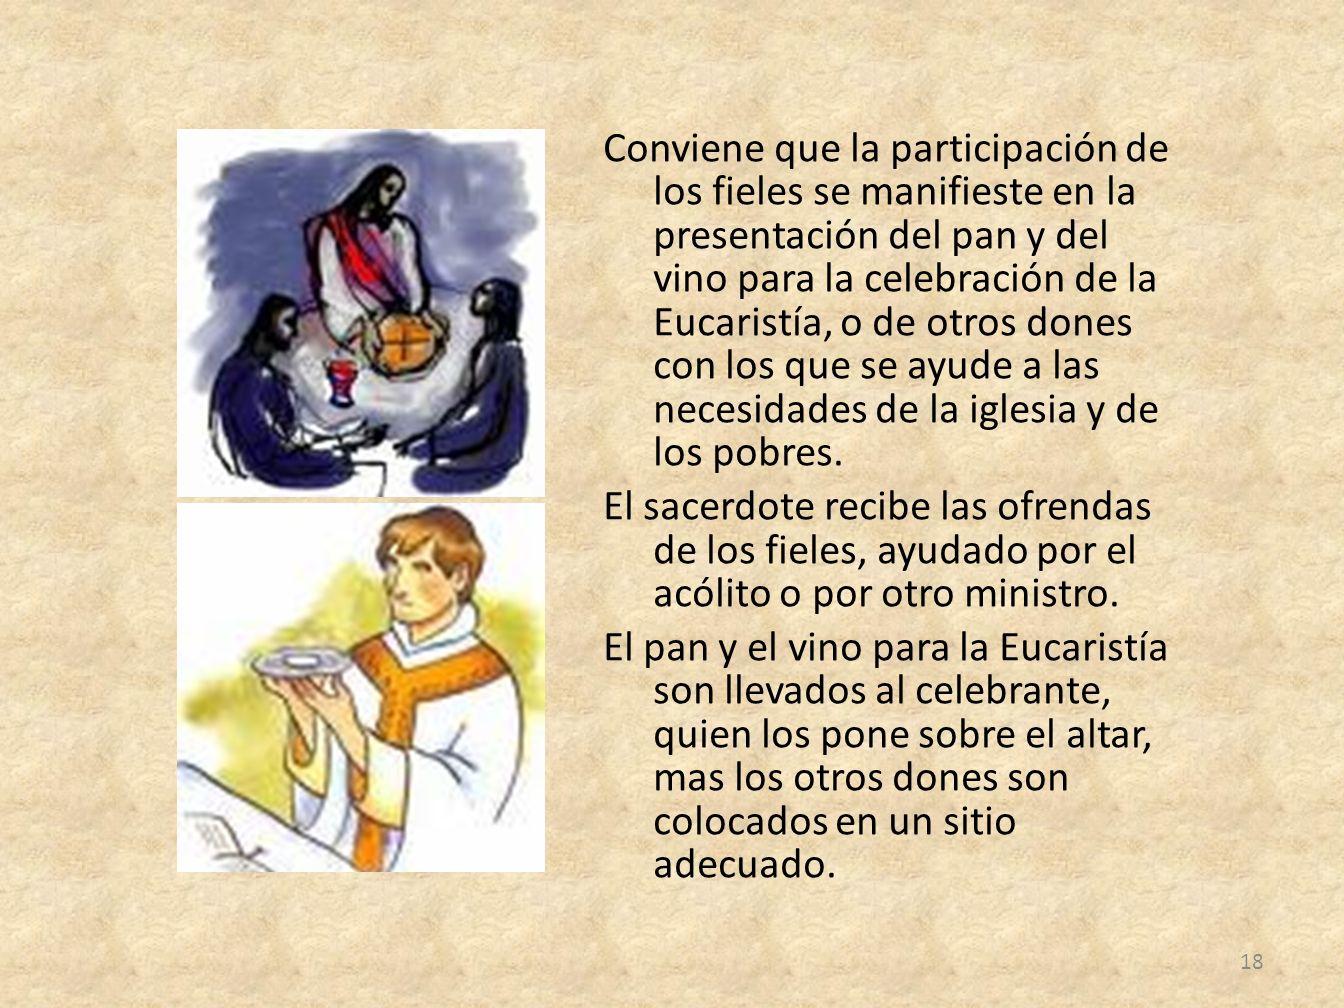 Conviene que la participación de los fieles se manifieste en la presentación del pan y del vino para la celebración de la Eucaristía, o de otros dones